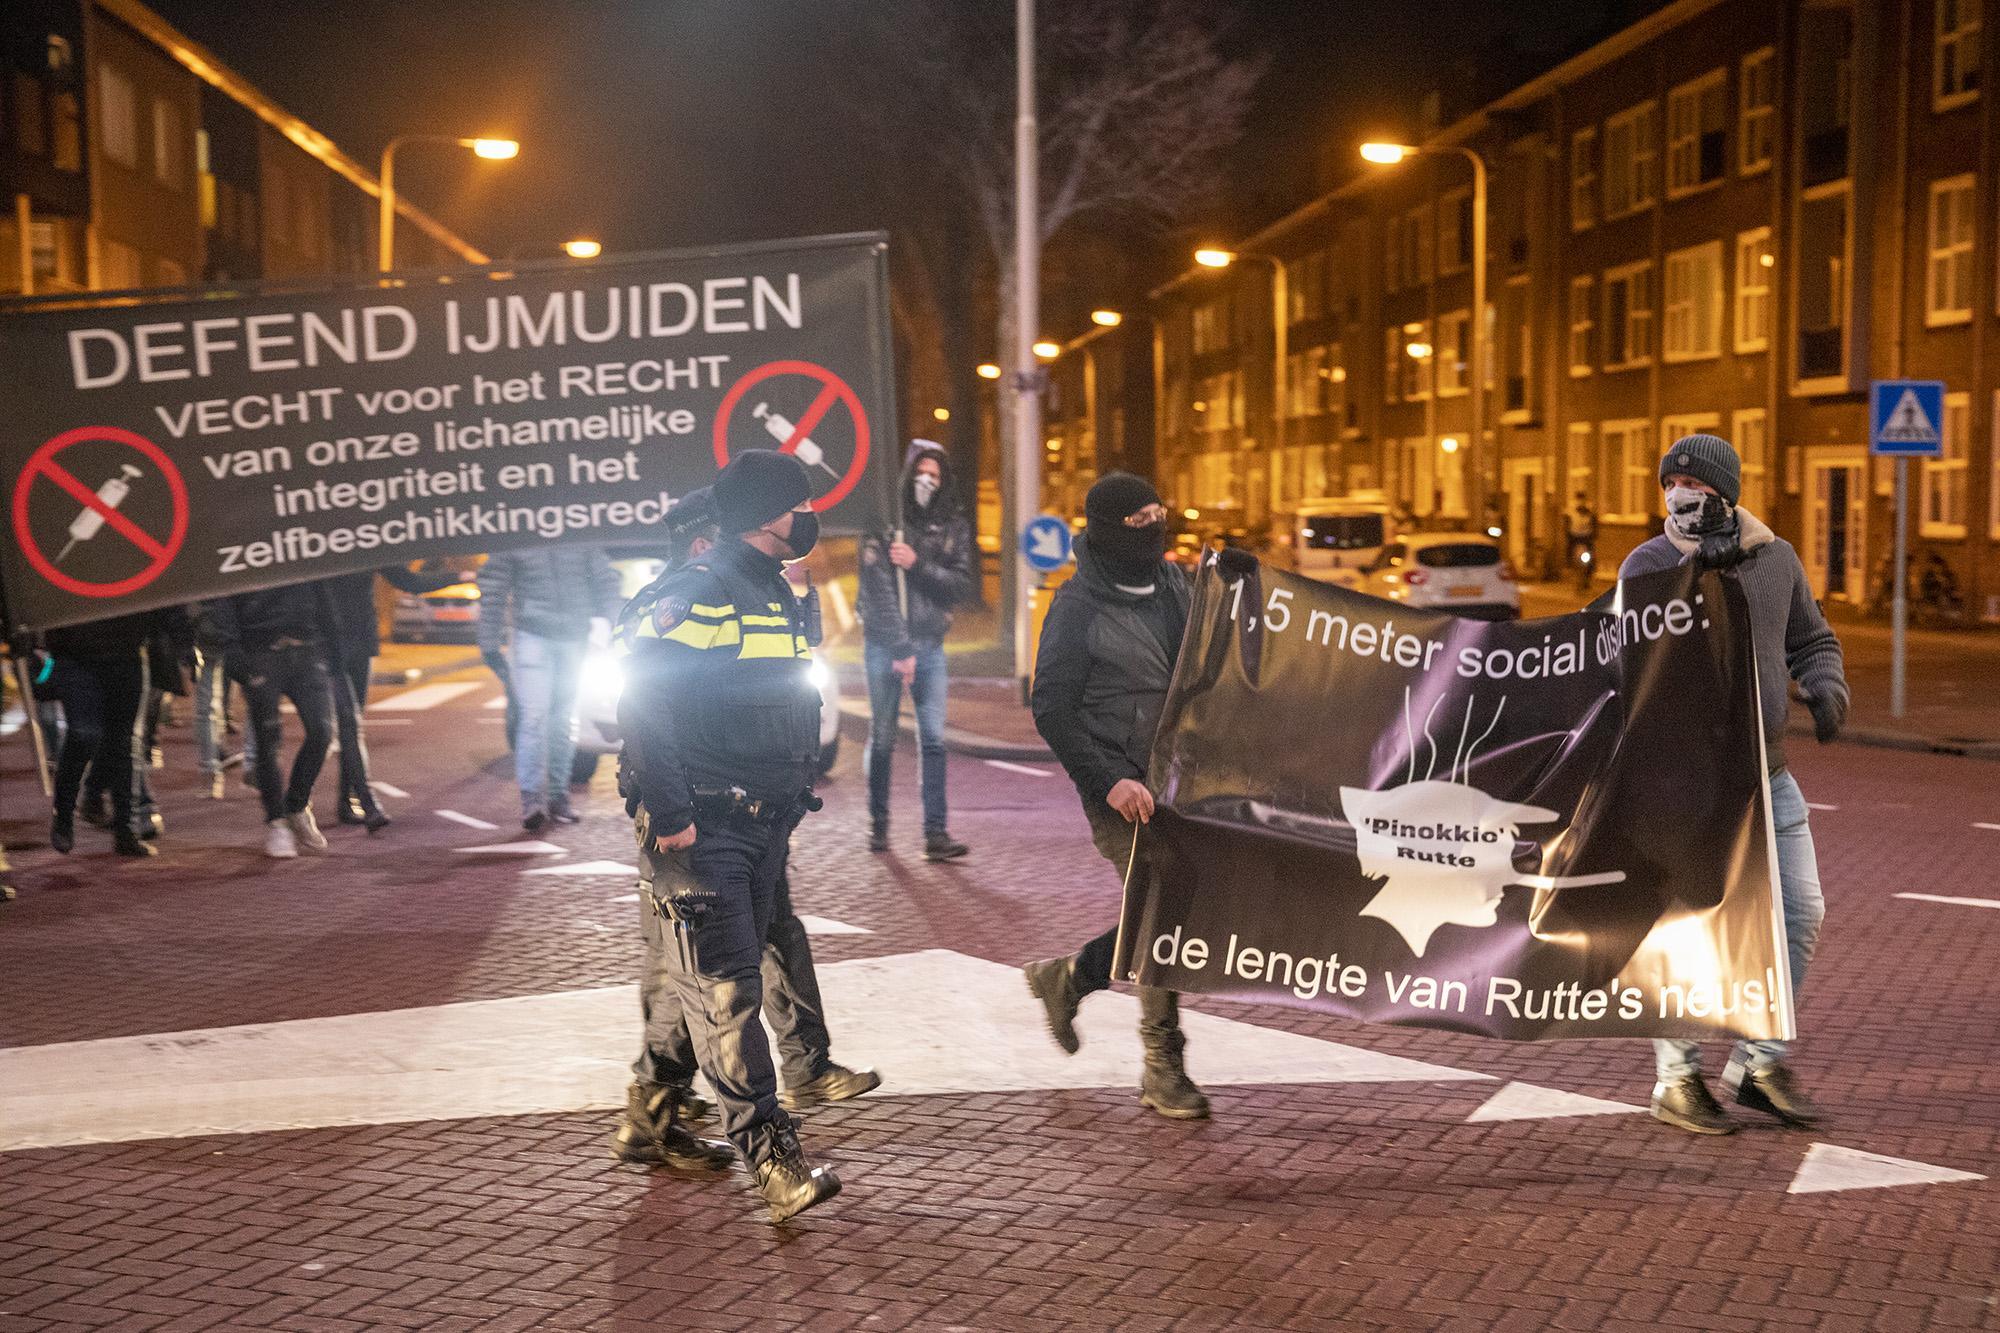 Coronaprotest Defend IJmuiden op Plein 1945 vroegtijdig beëindigd door politie [video]